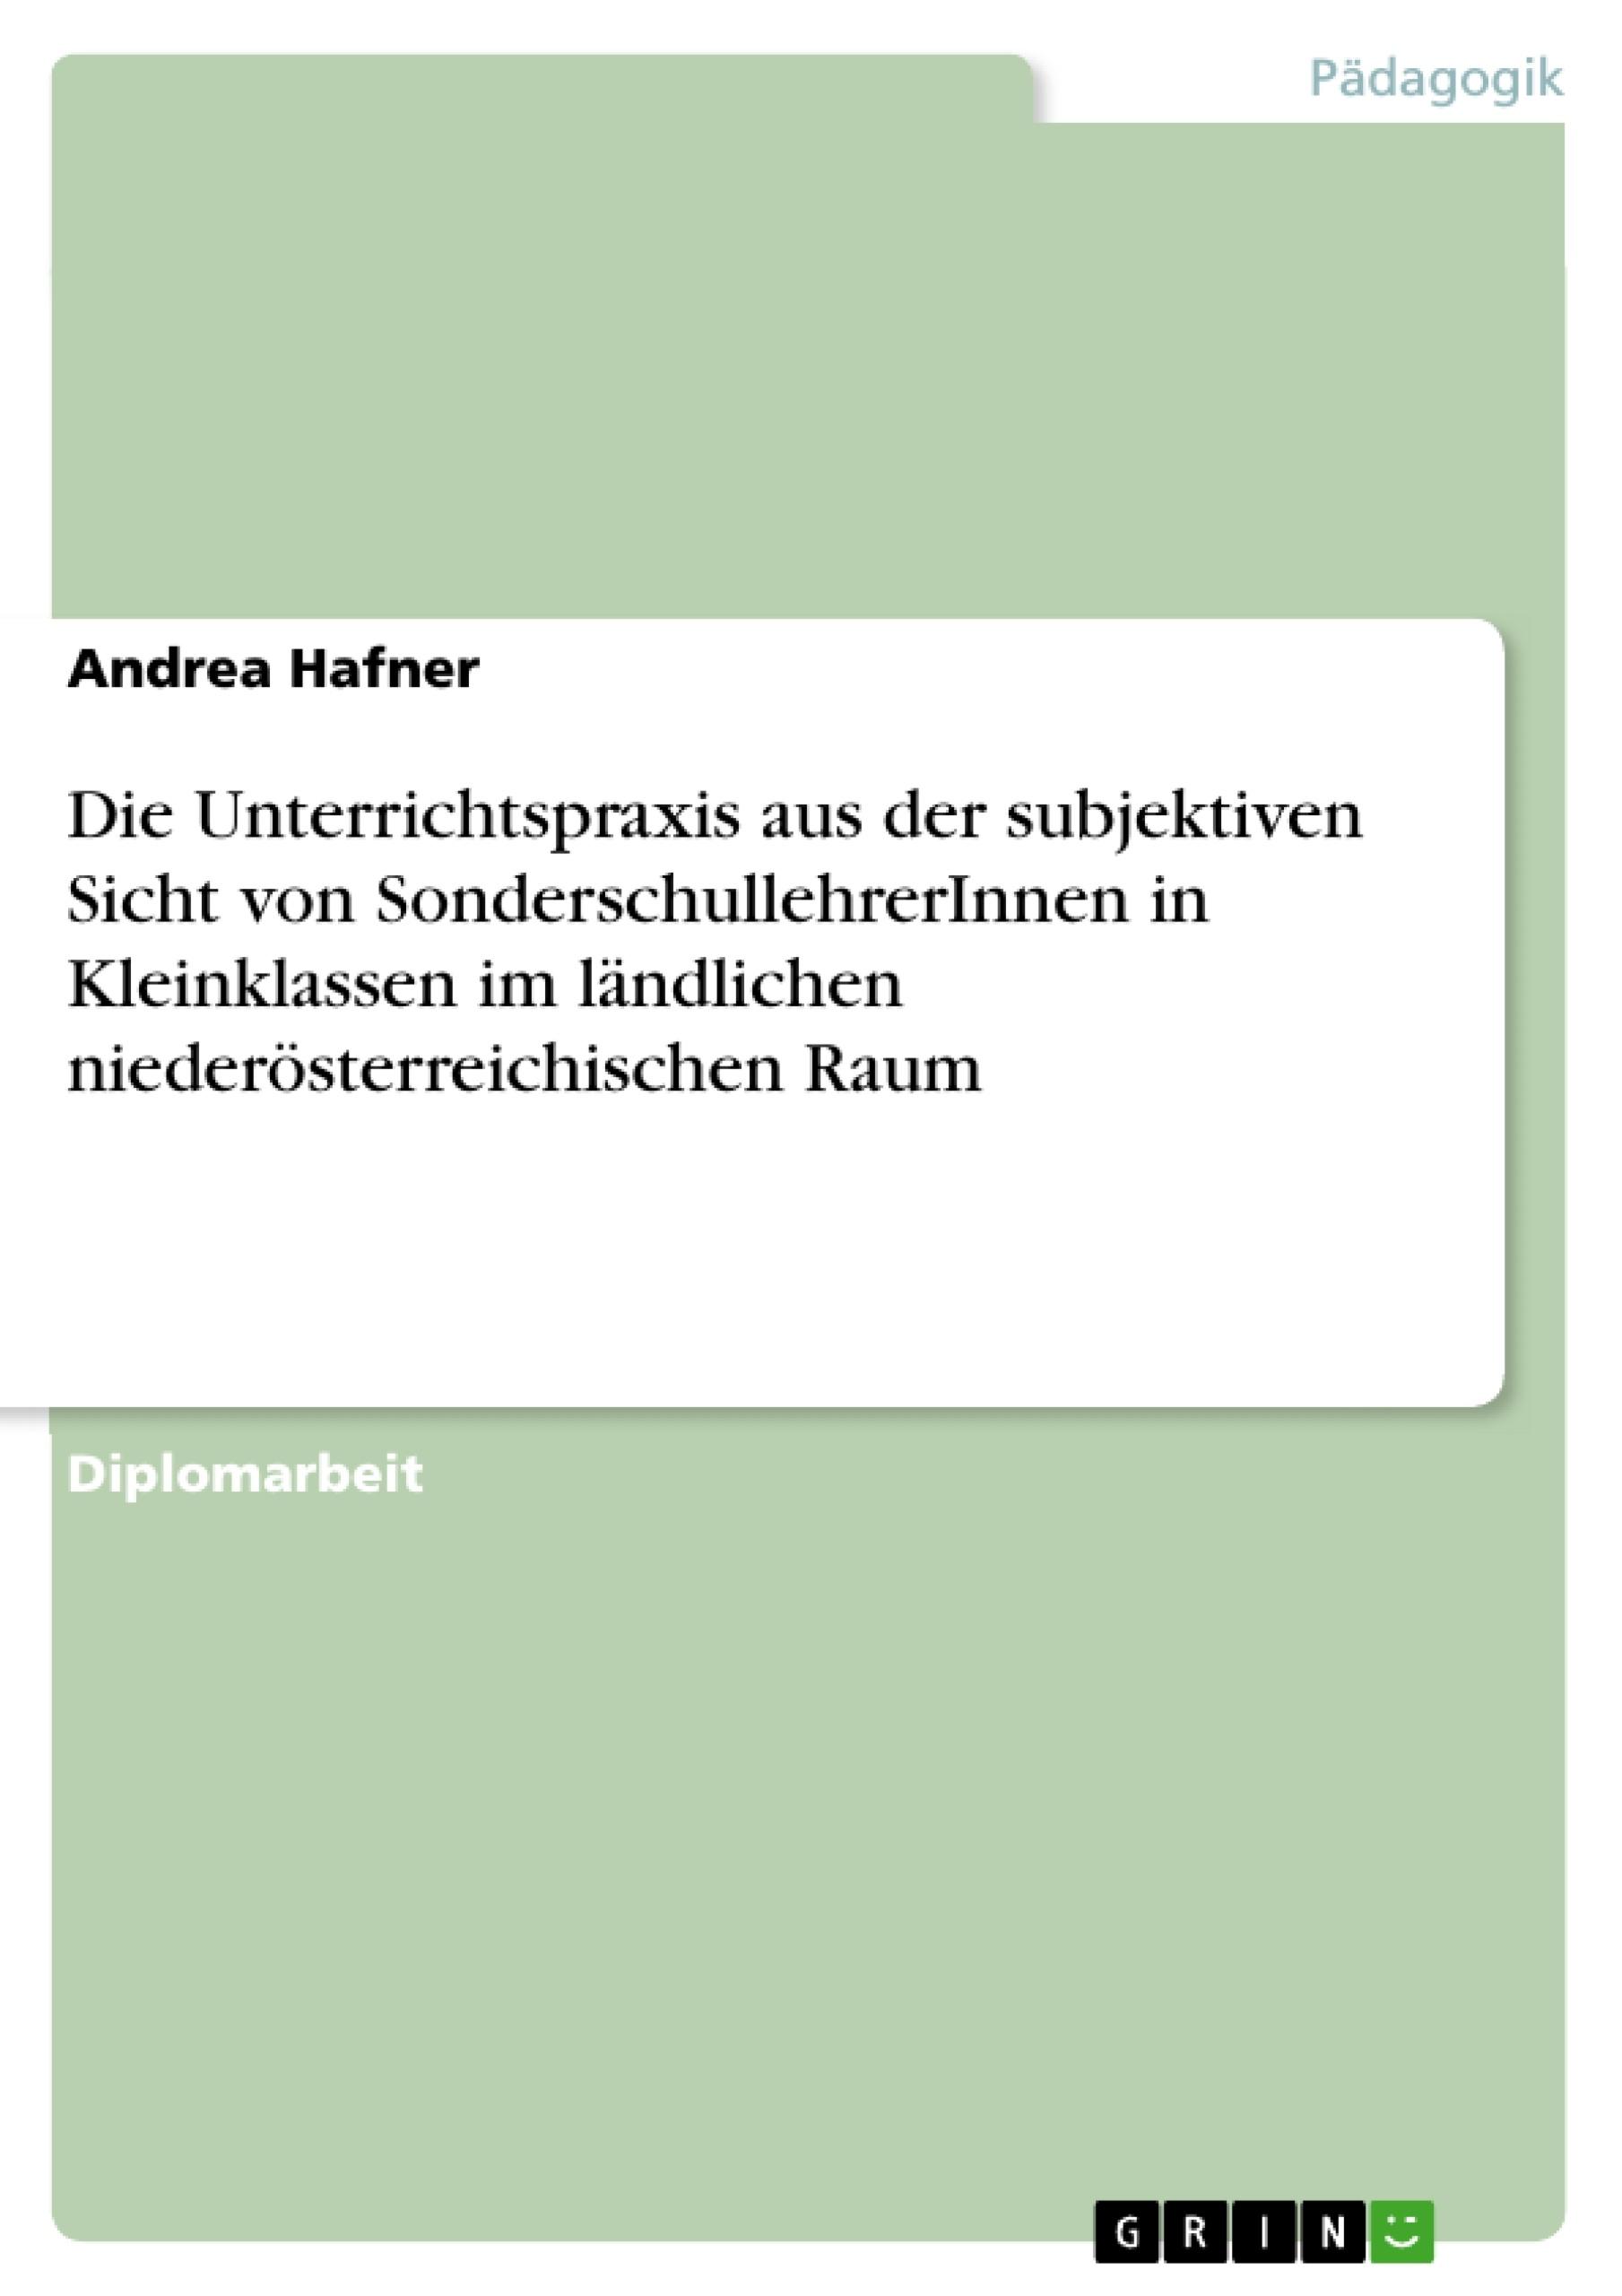 Titel: Die Unterrichtspraxis aus der subjektiven Sicht von SonderschullehrerInnen in Kleinklassen im ländlichen niederösterreichischen Raum